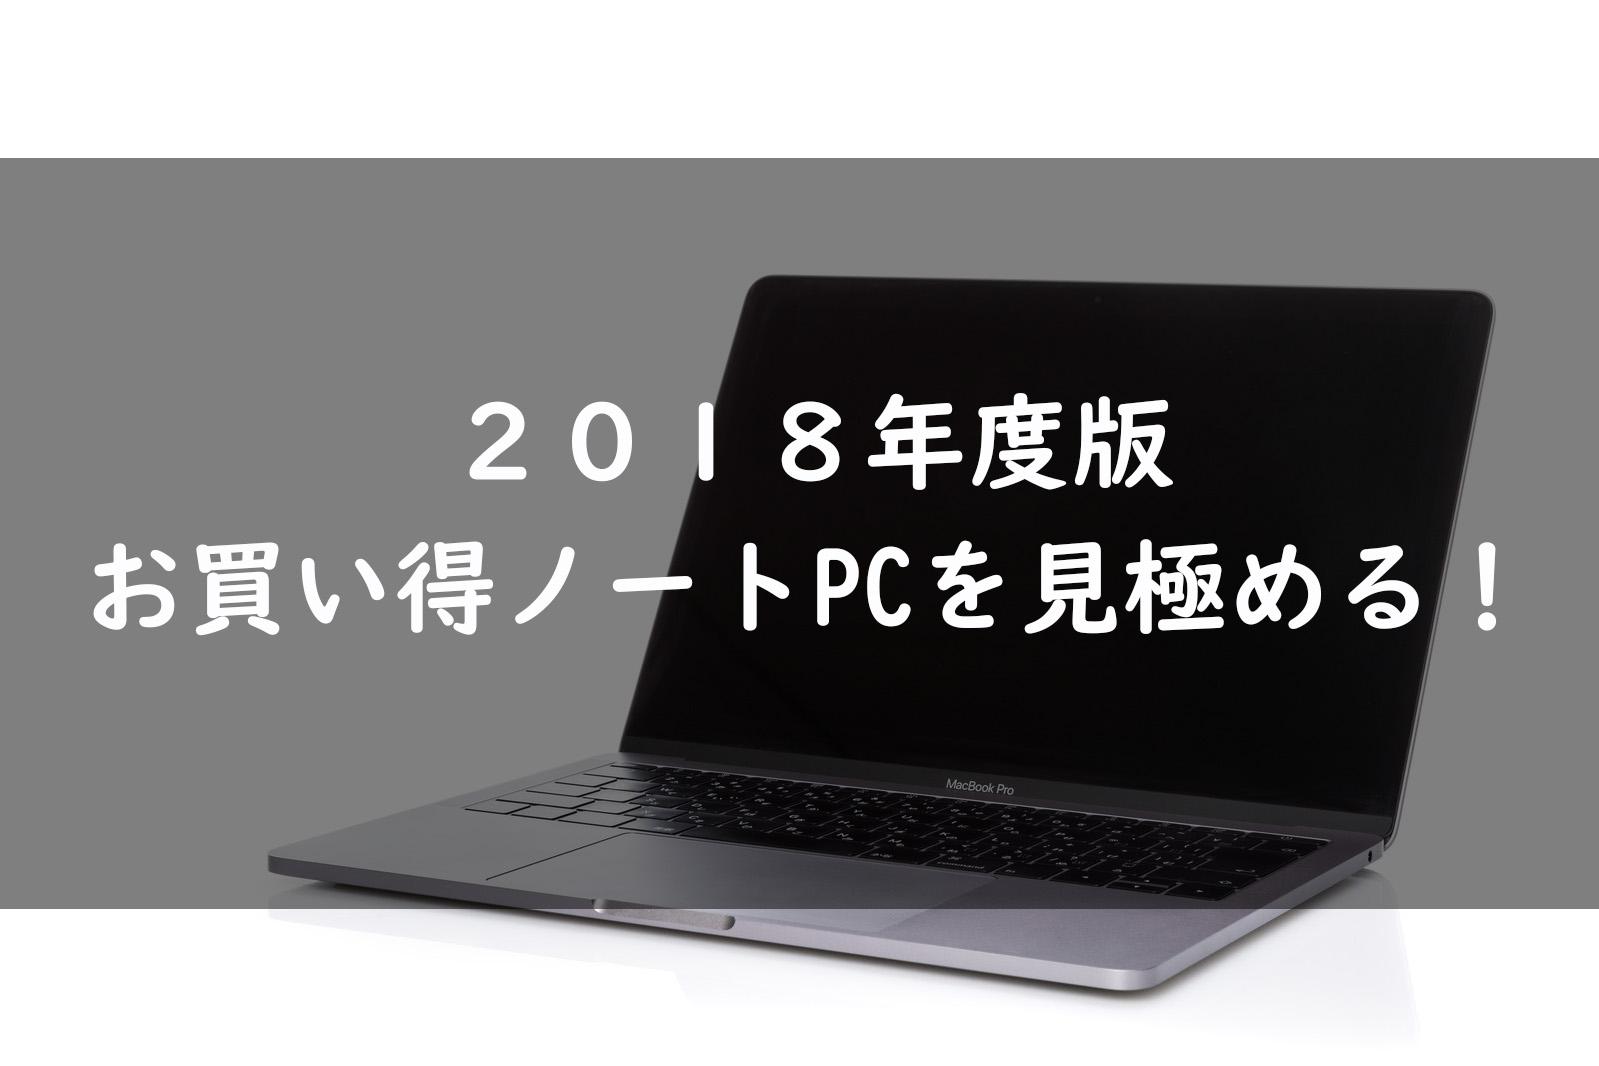 新生活に、ビジネスに。お買い得ノートPCについて調べてみた【参考:マウスコンピューター】